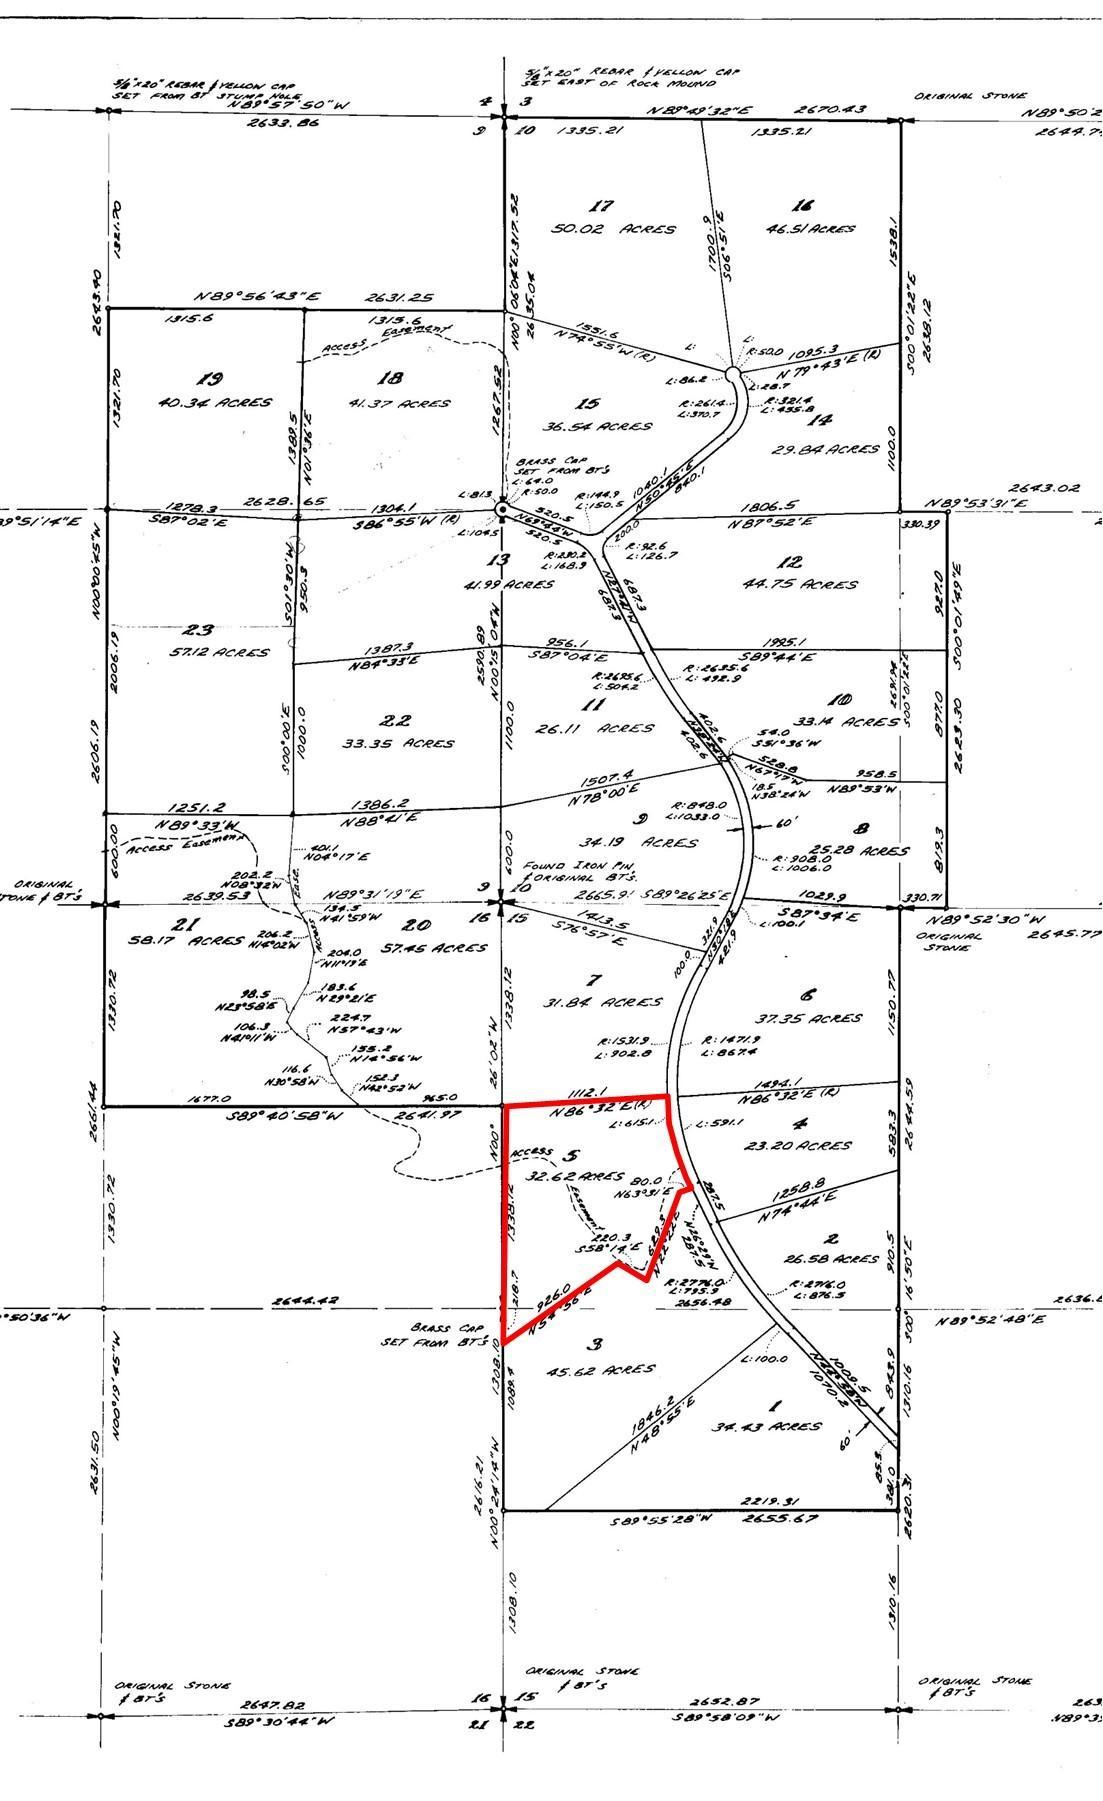 73847 Arlee Pines Drive, Arlee, MT 59821